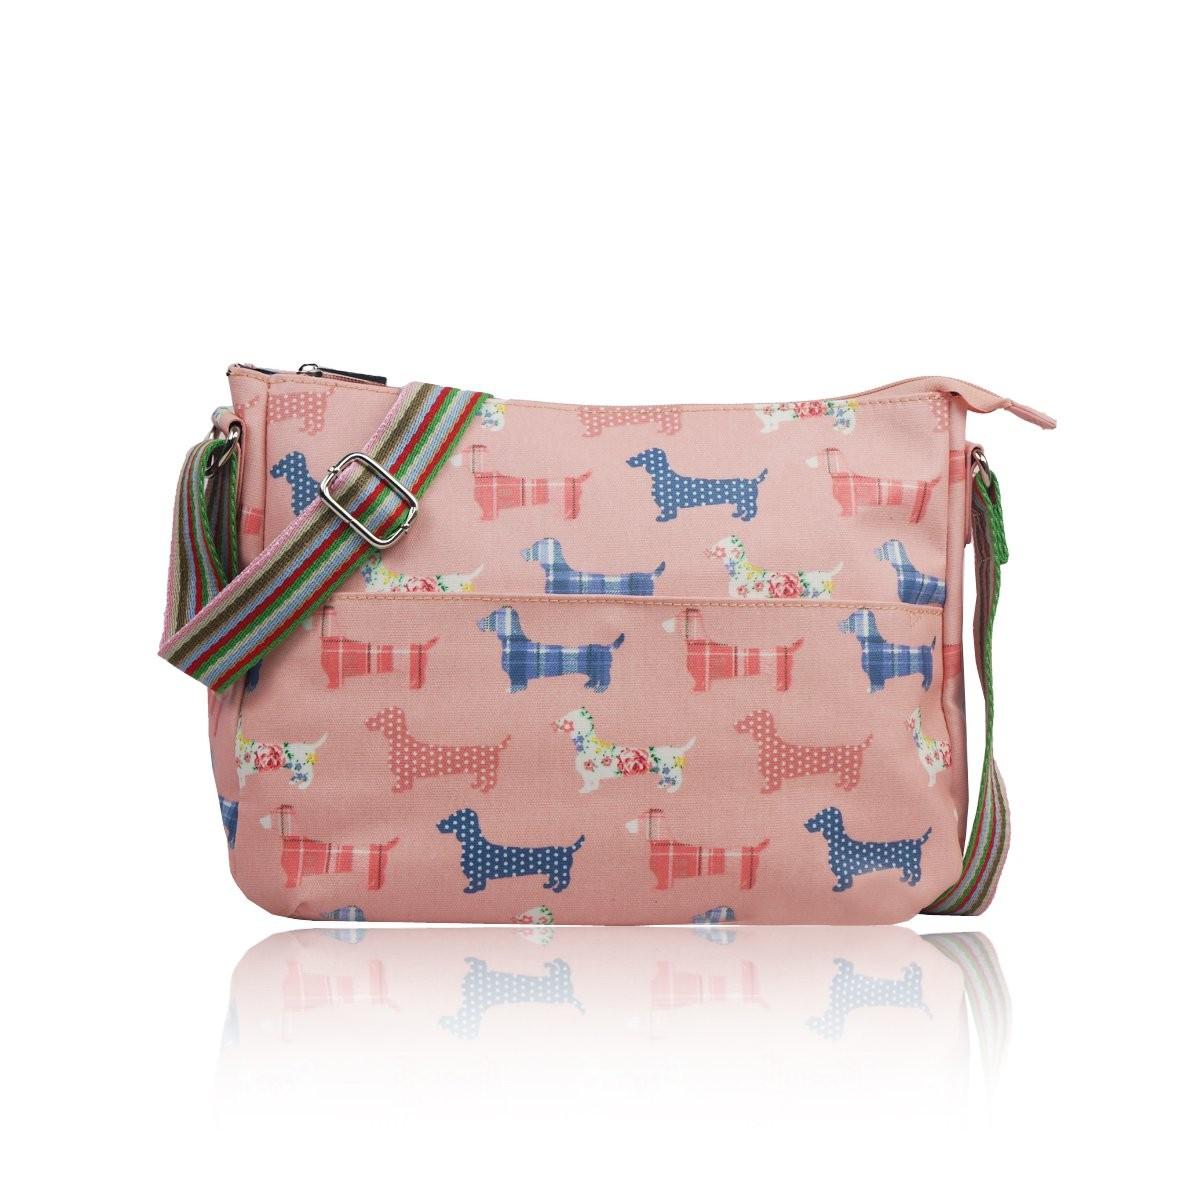 Světle růžová crossbody kabelka Doggy